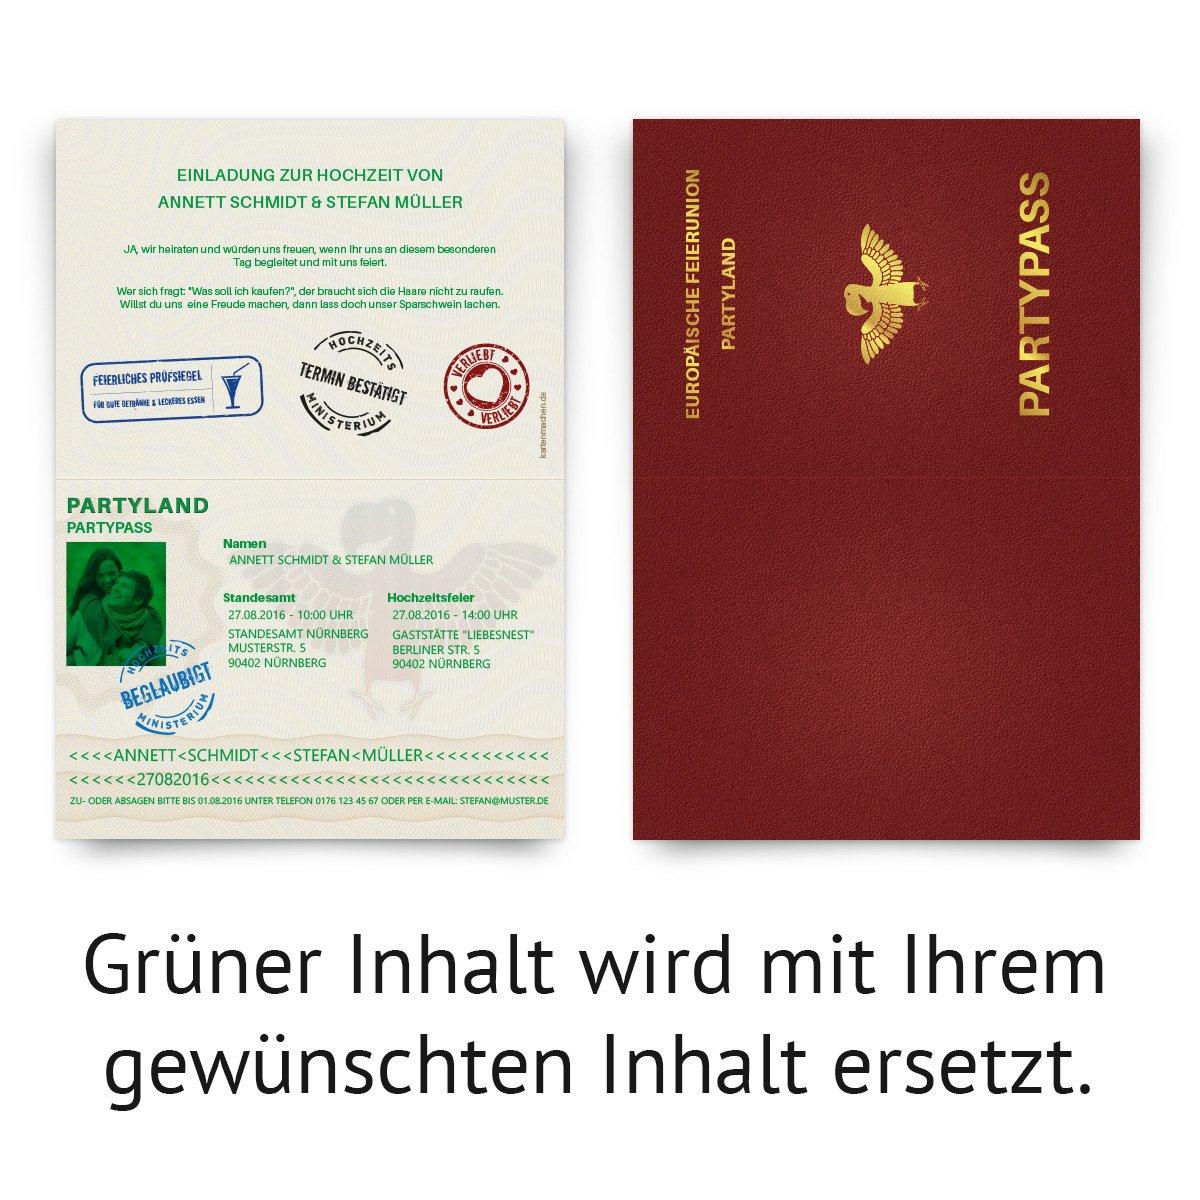 Schön Hochzeitseinladungen (30 Stück) Als Reisepass Ausweis Partypass  Einladungskarten: Amazon.de: Bürobedarf U0026 Schreibwaren